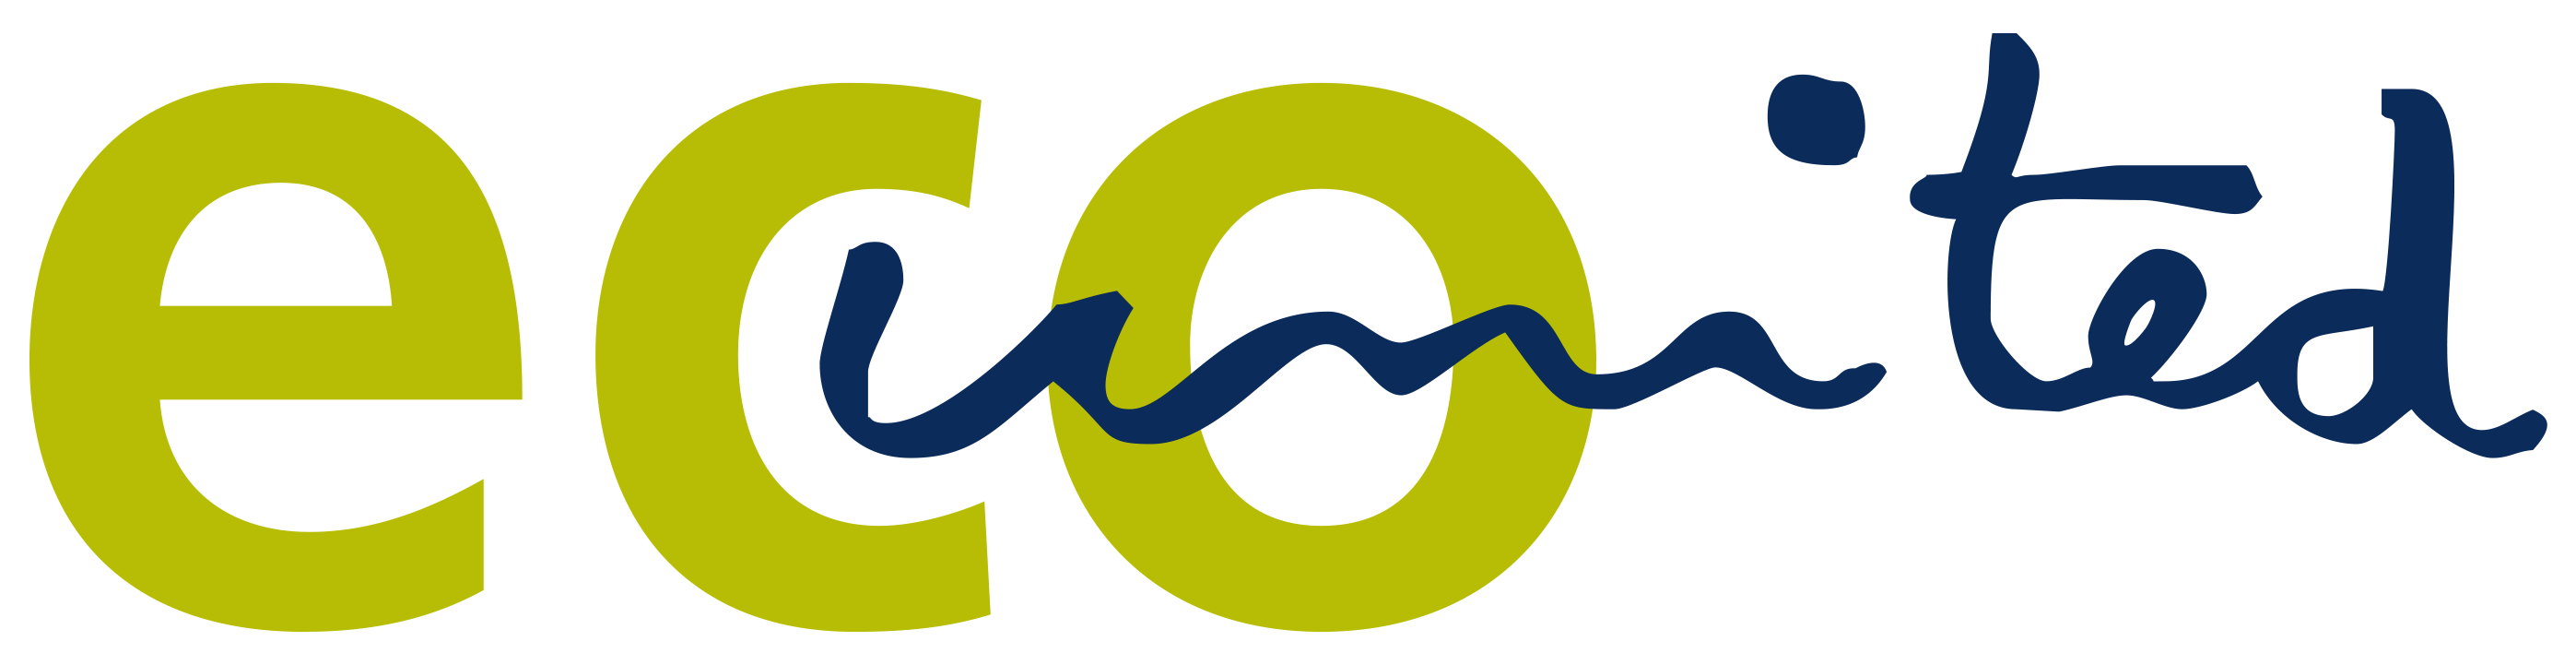 eco united